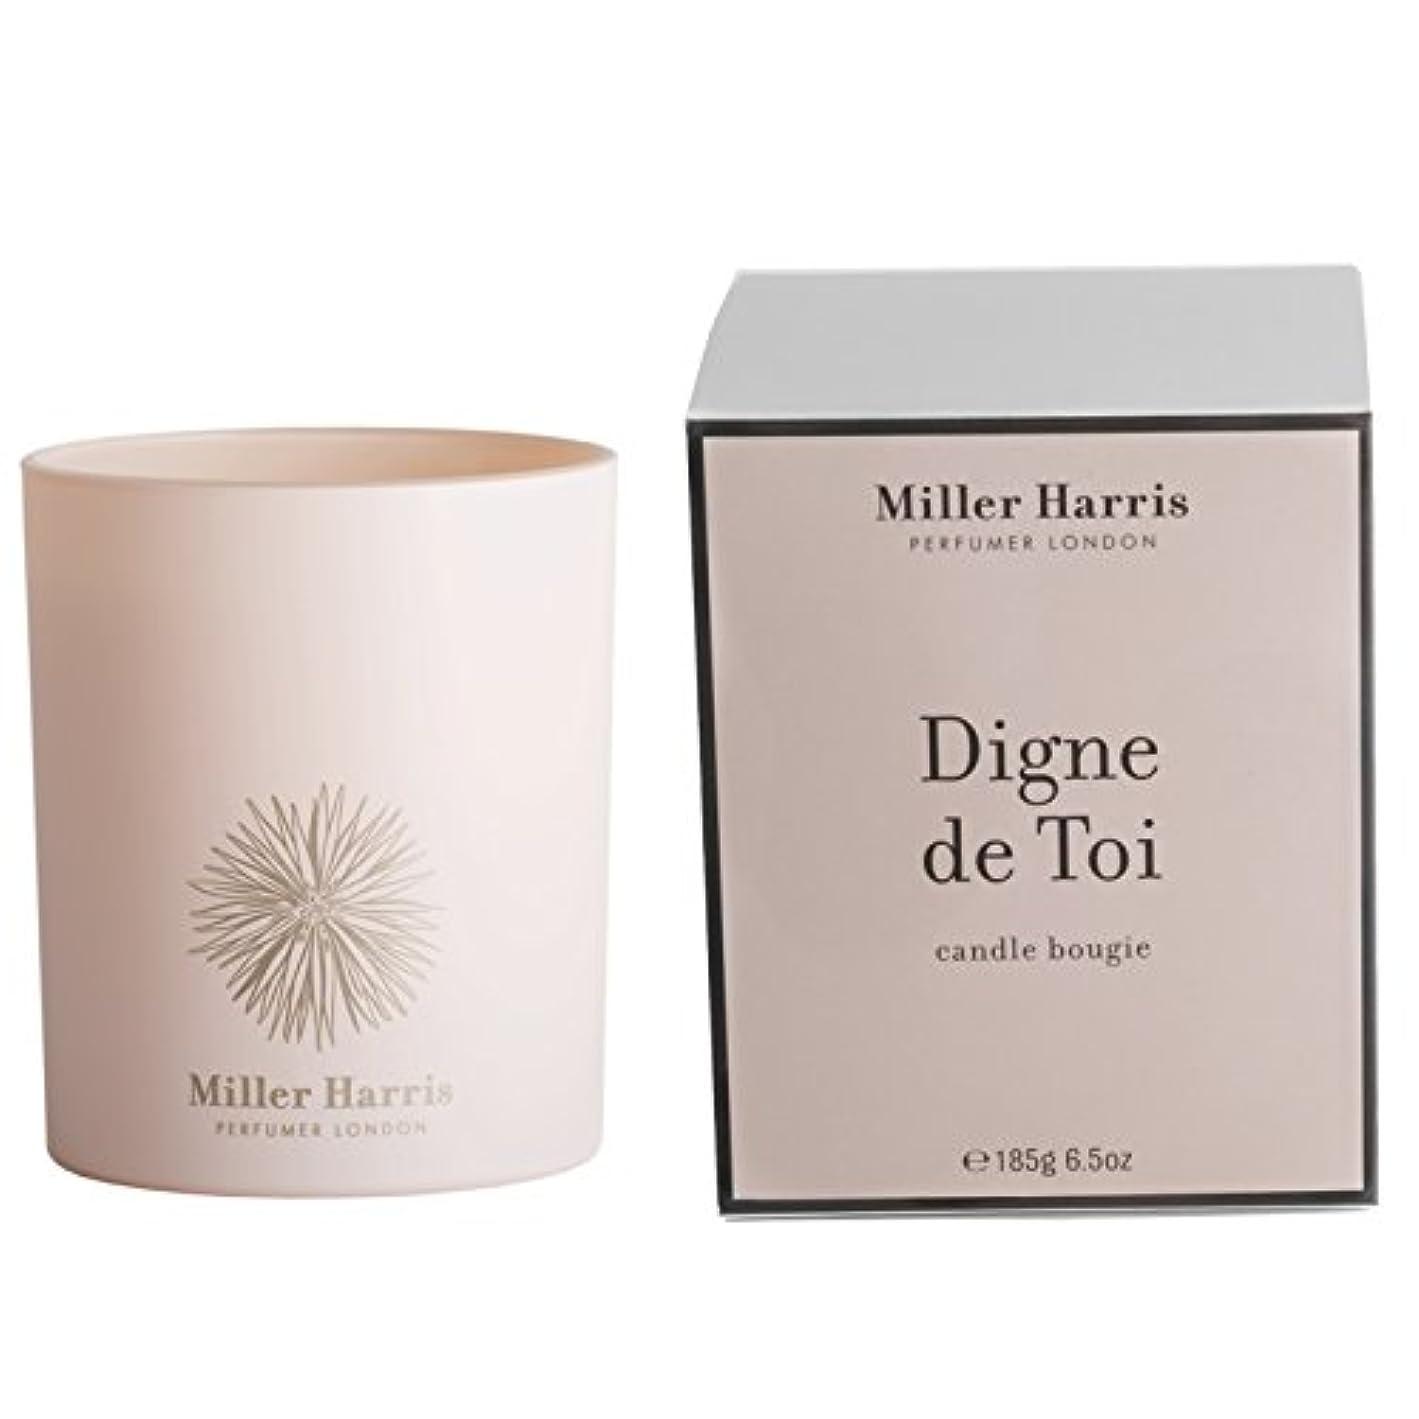 ロイヤリティデイジーインフラミラーハリス Candle - Digne De Toi 185g/6.5oz並行輸入品